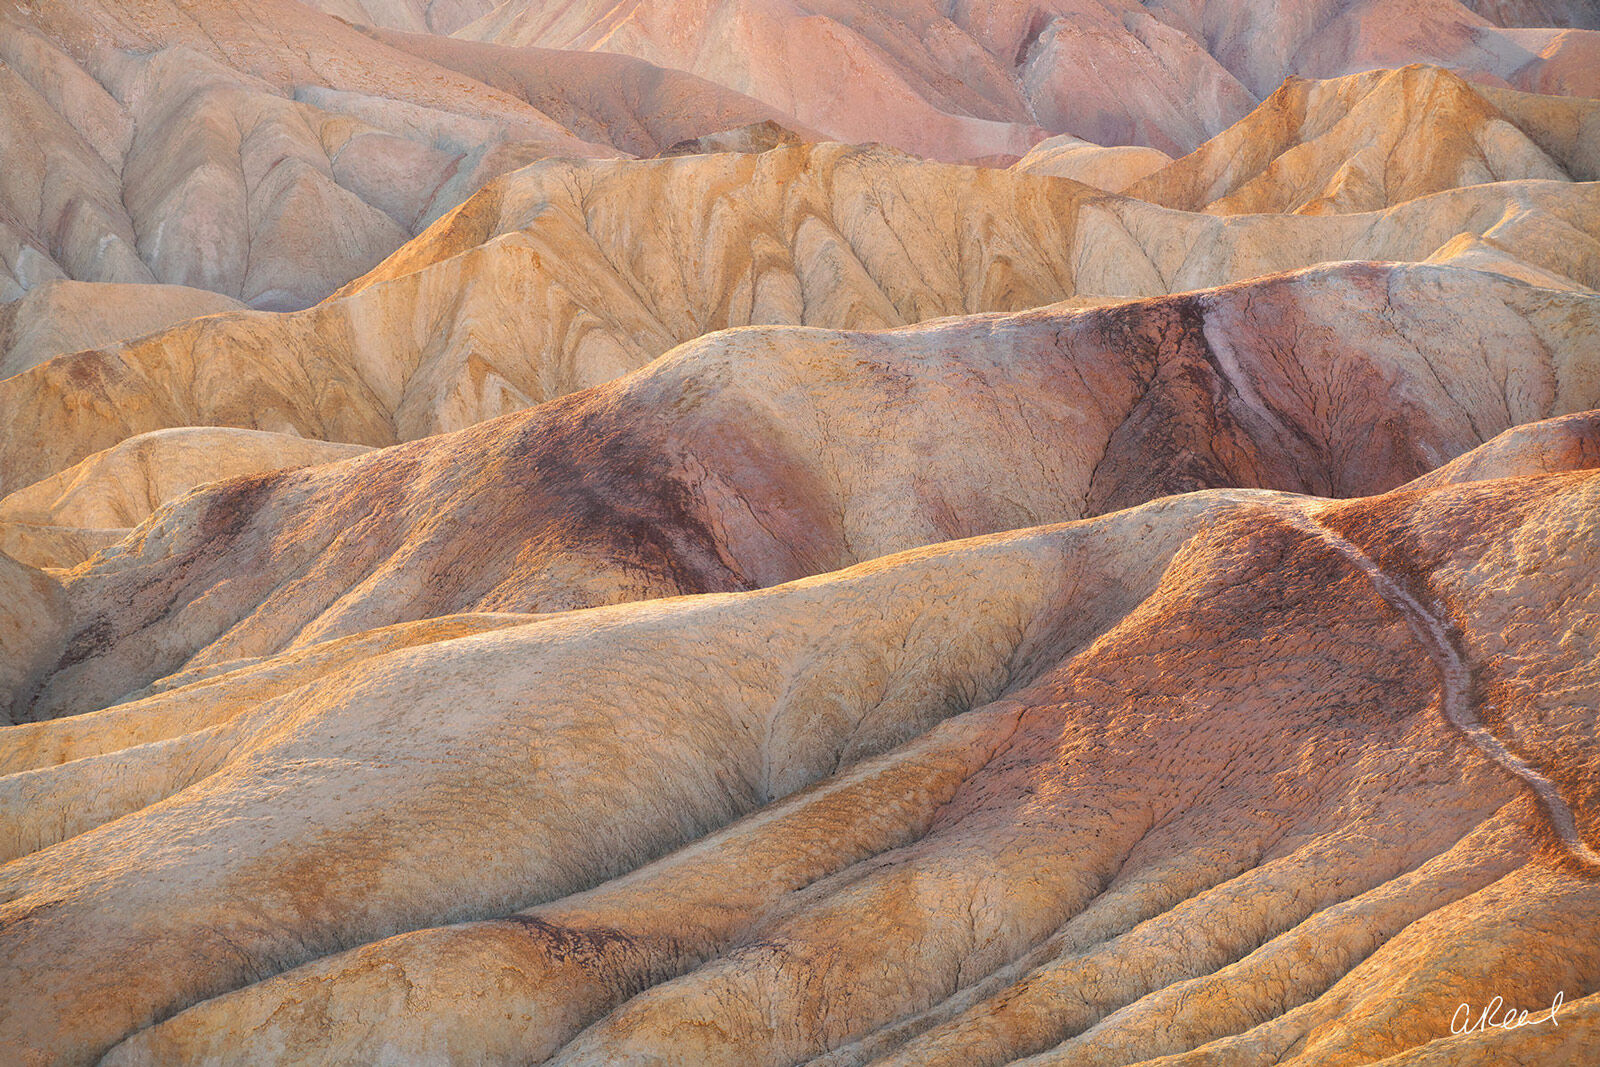 Death Valley, Graben, Geological, Zabriskie Point, Death Valley National Park, photo